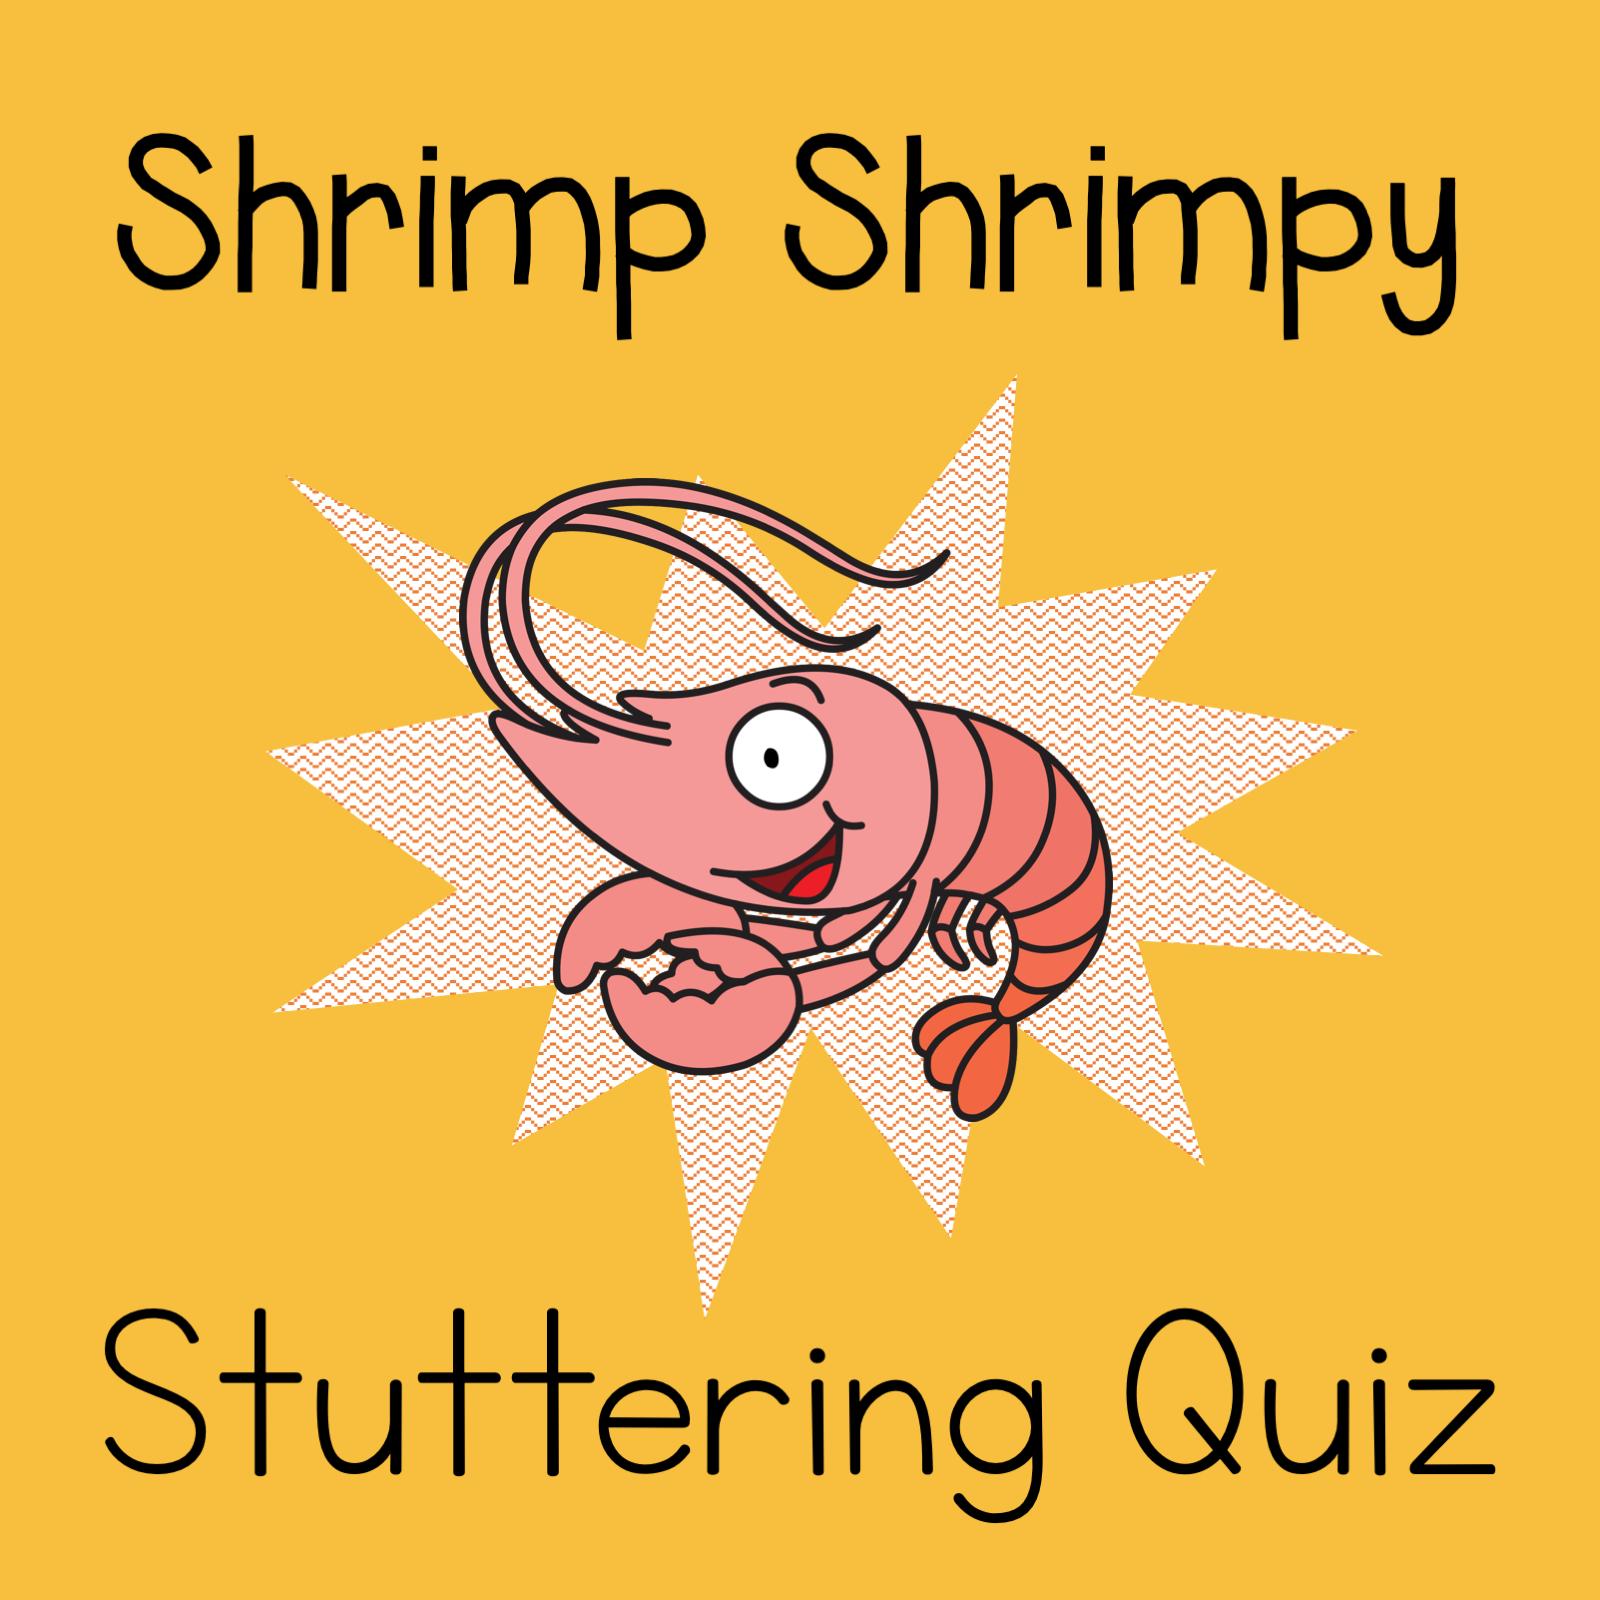 Stuttering Quiz